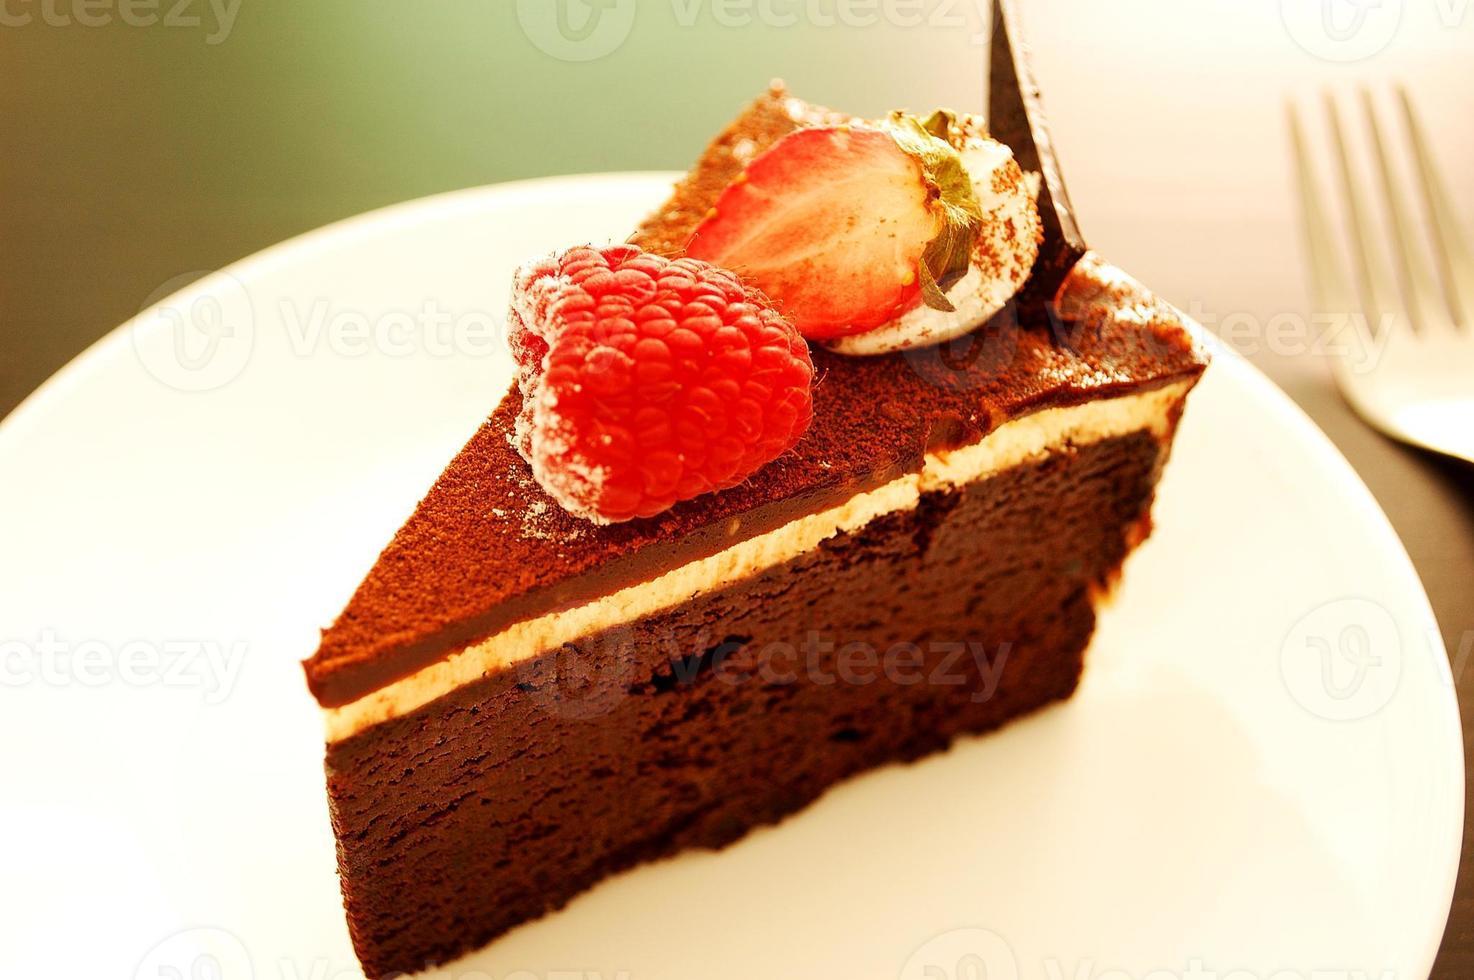 soufflé de dulce de chocolate suave foto